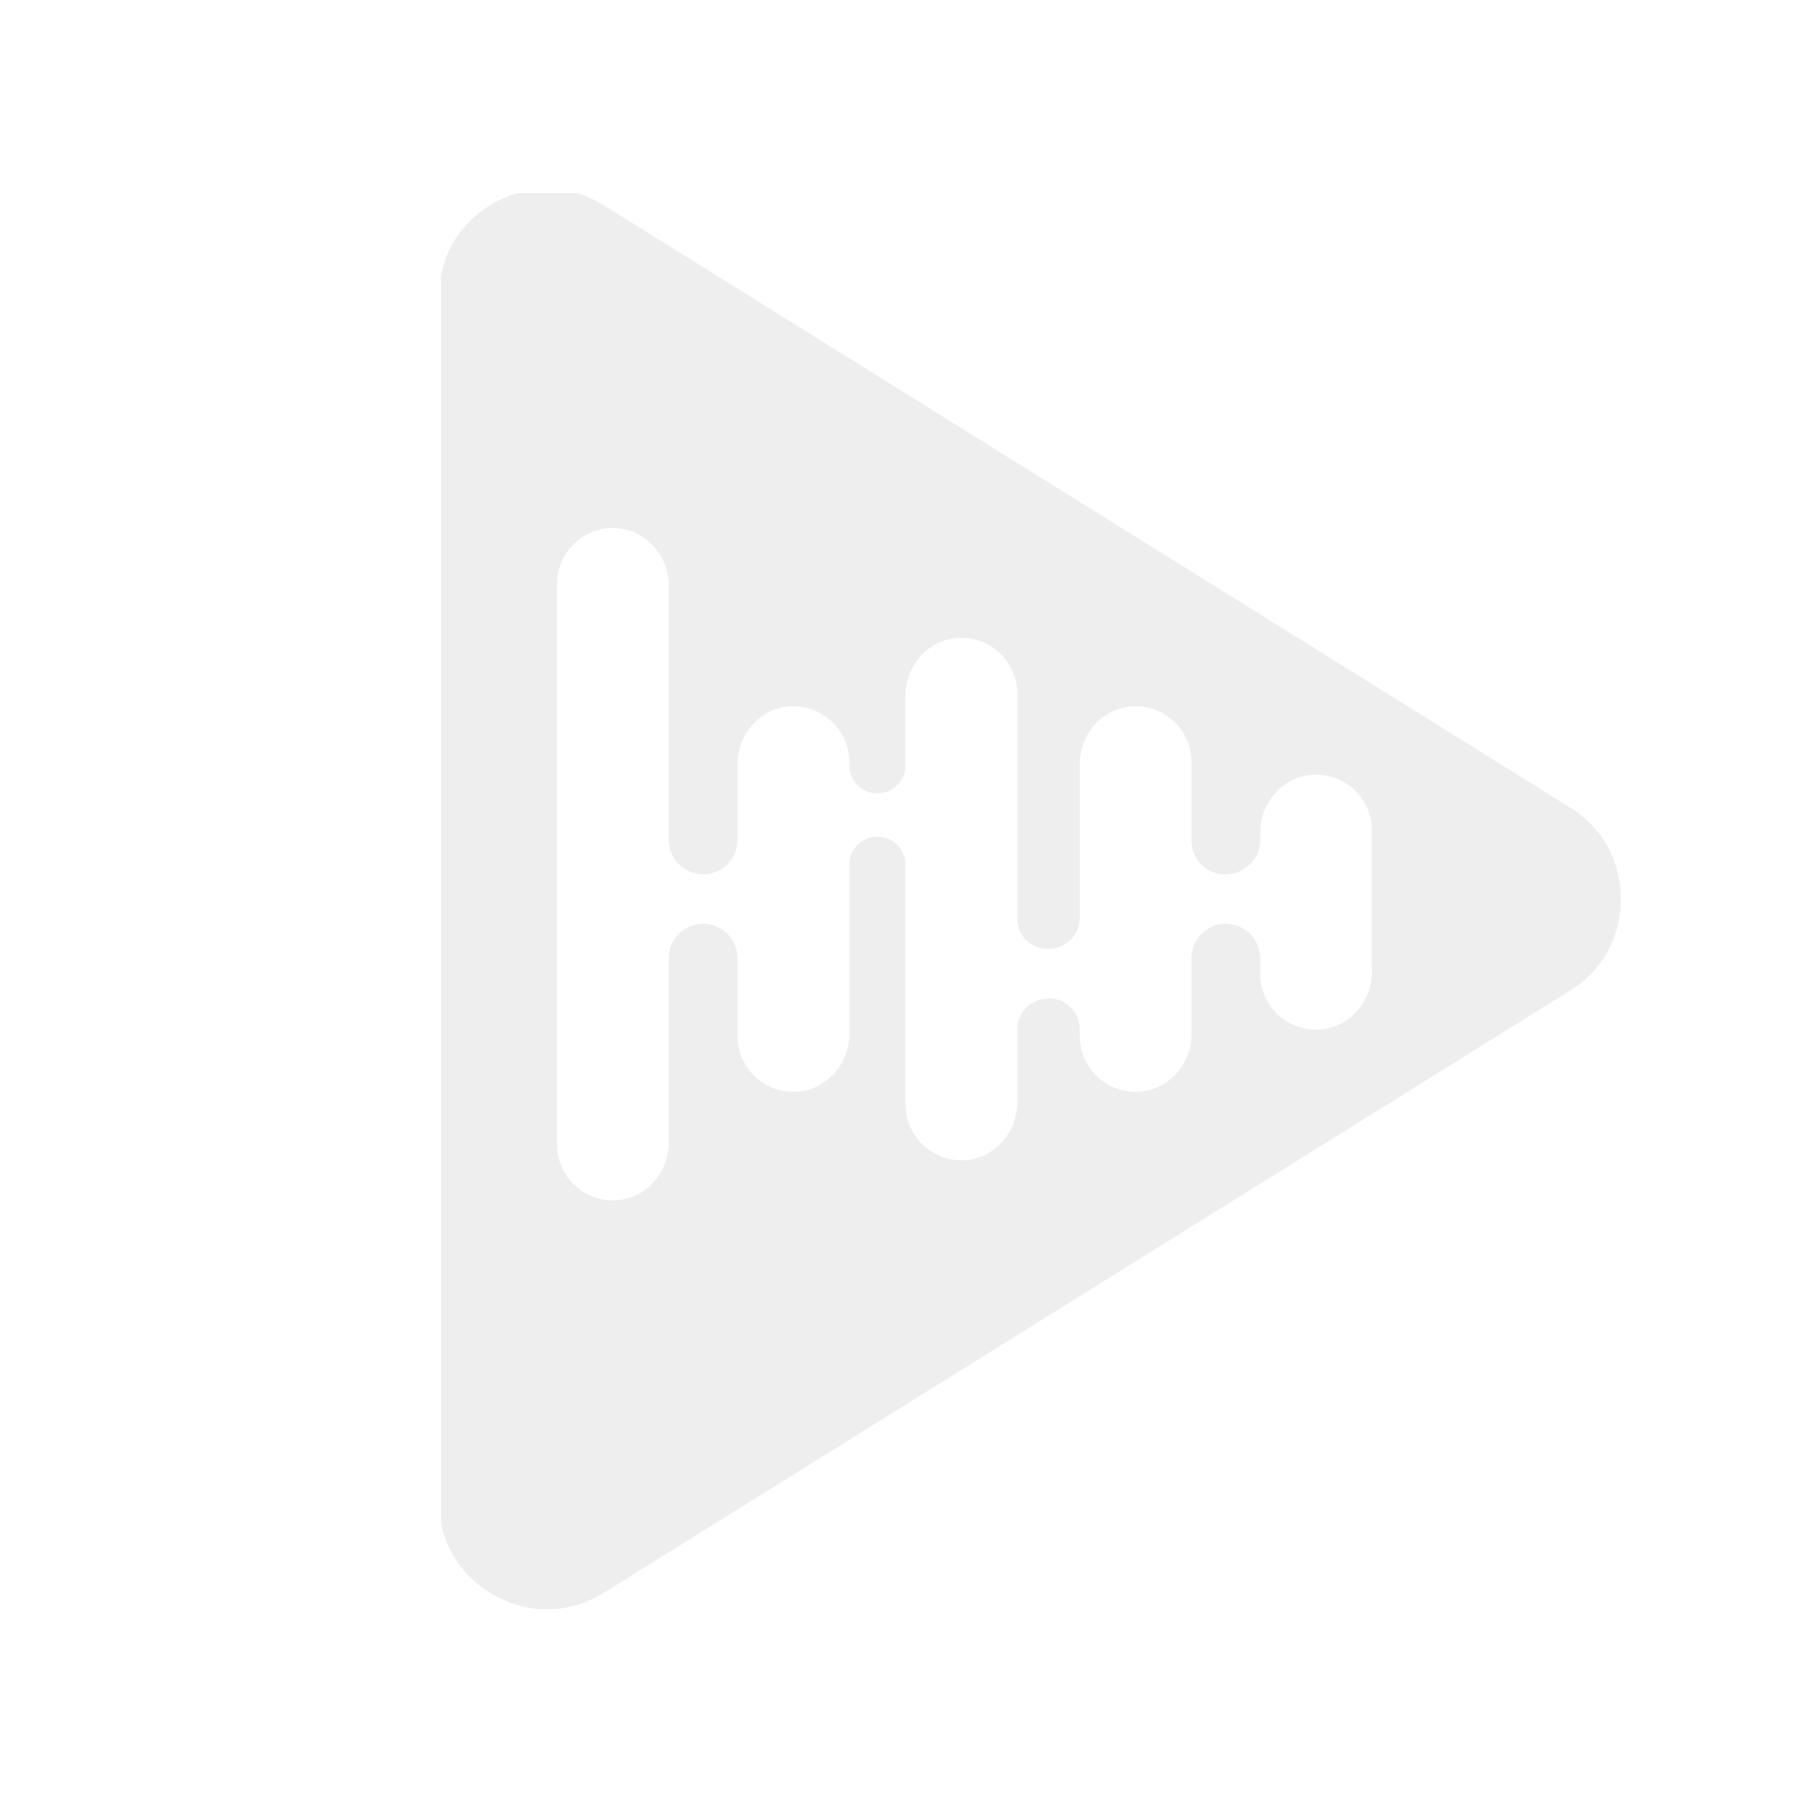 Skoddejuice CAP